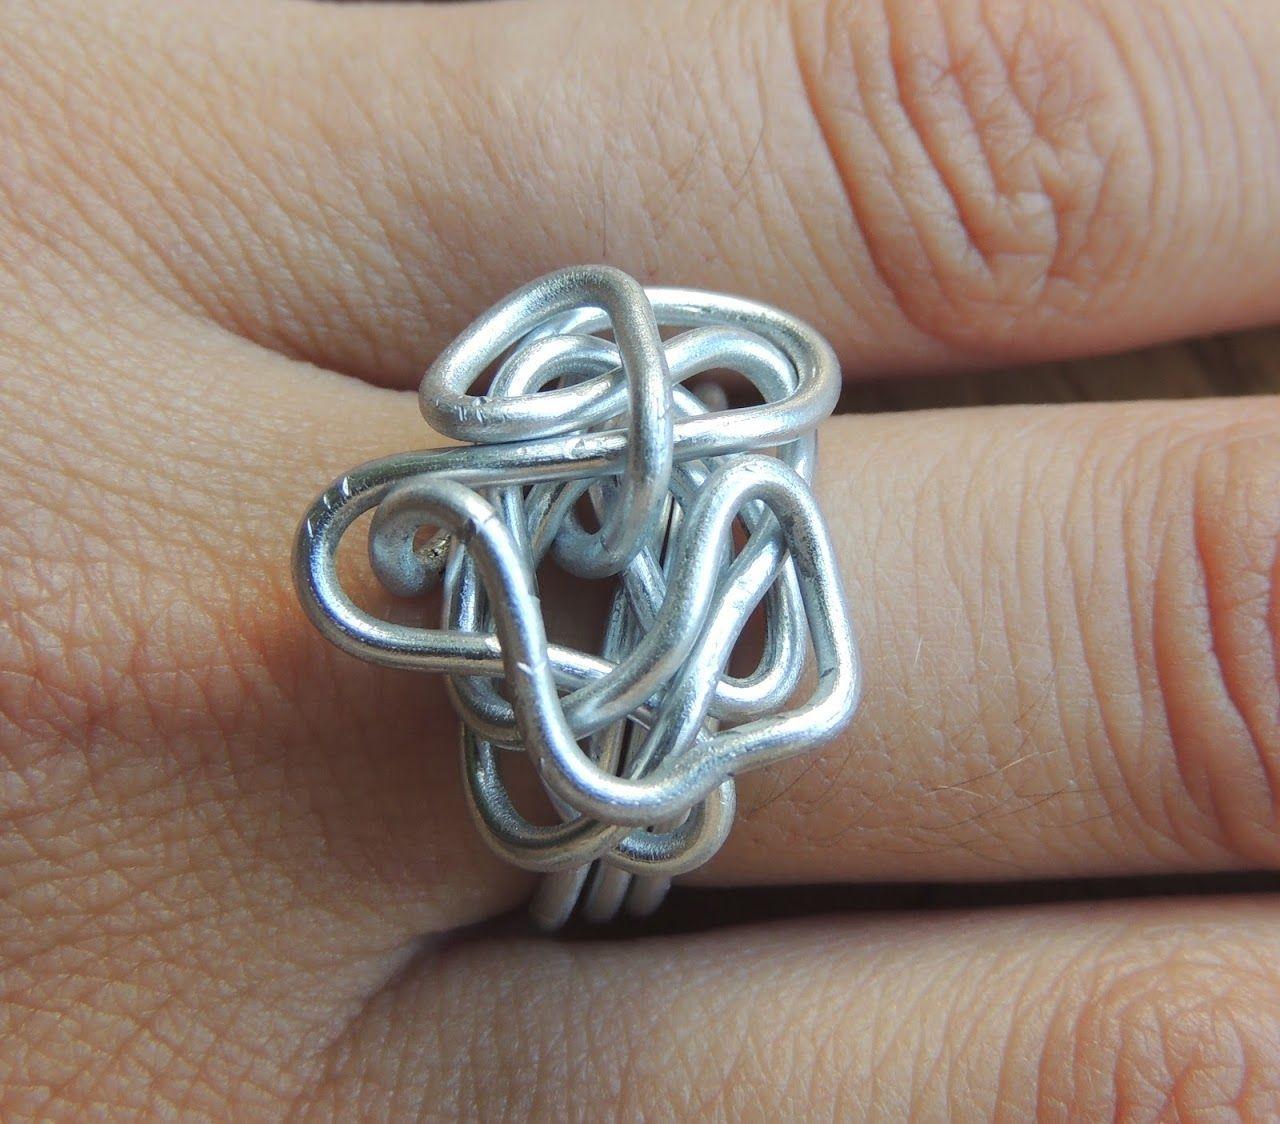 Anillo alambre  http://www.artesanum.com/artesanias-anita_y_mai-28939-1-0.html